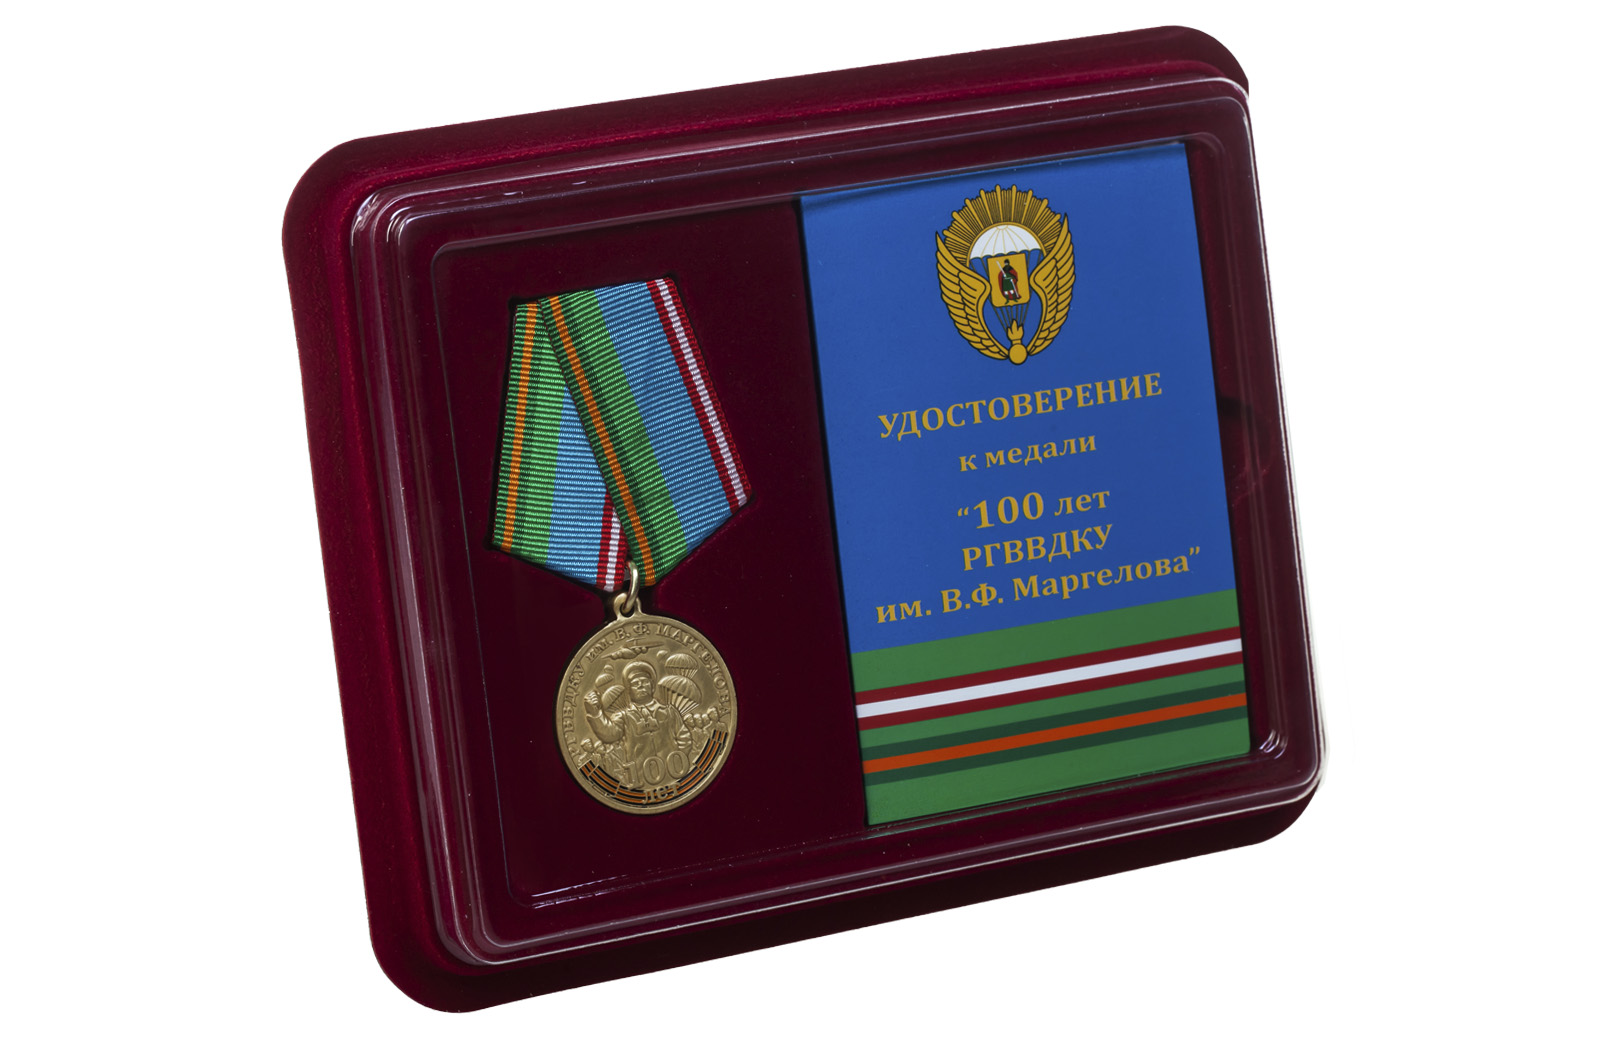 Медаль 100-летнему юбилею РГВВДКУ им. В. Ф. Маргелова - в футляре с удостоверением